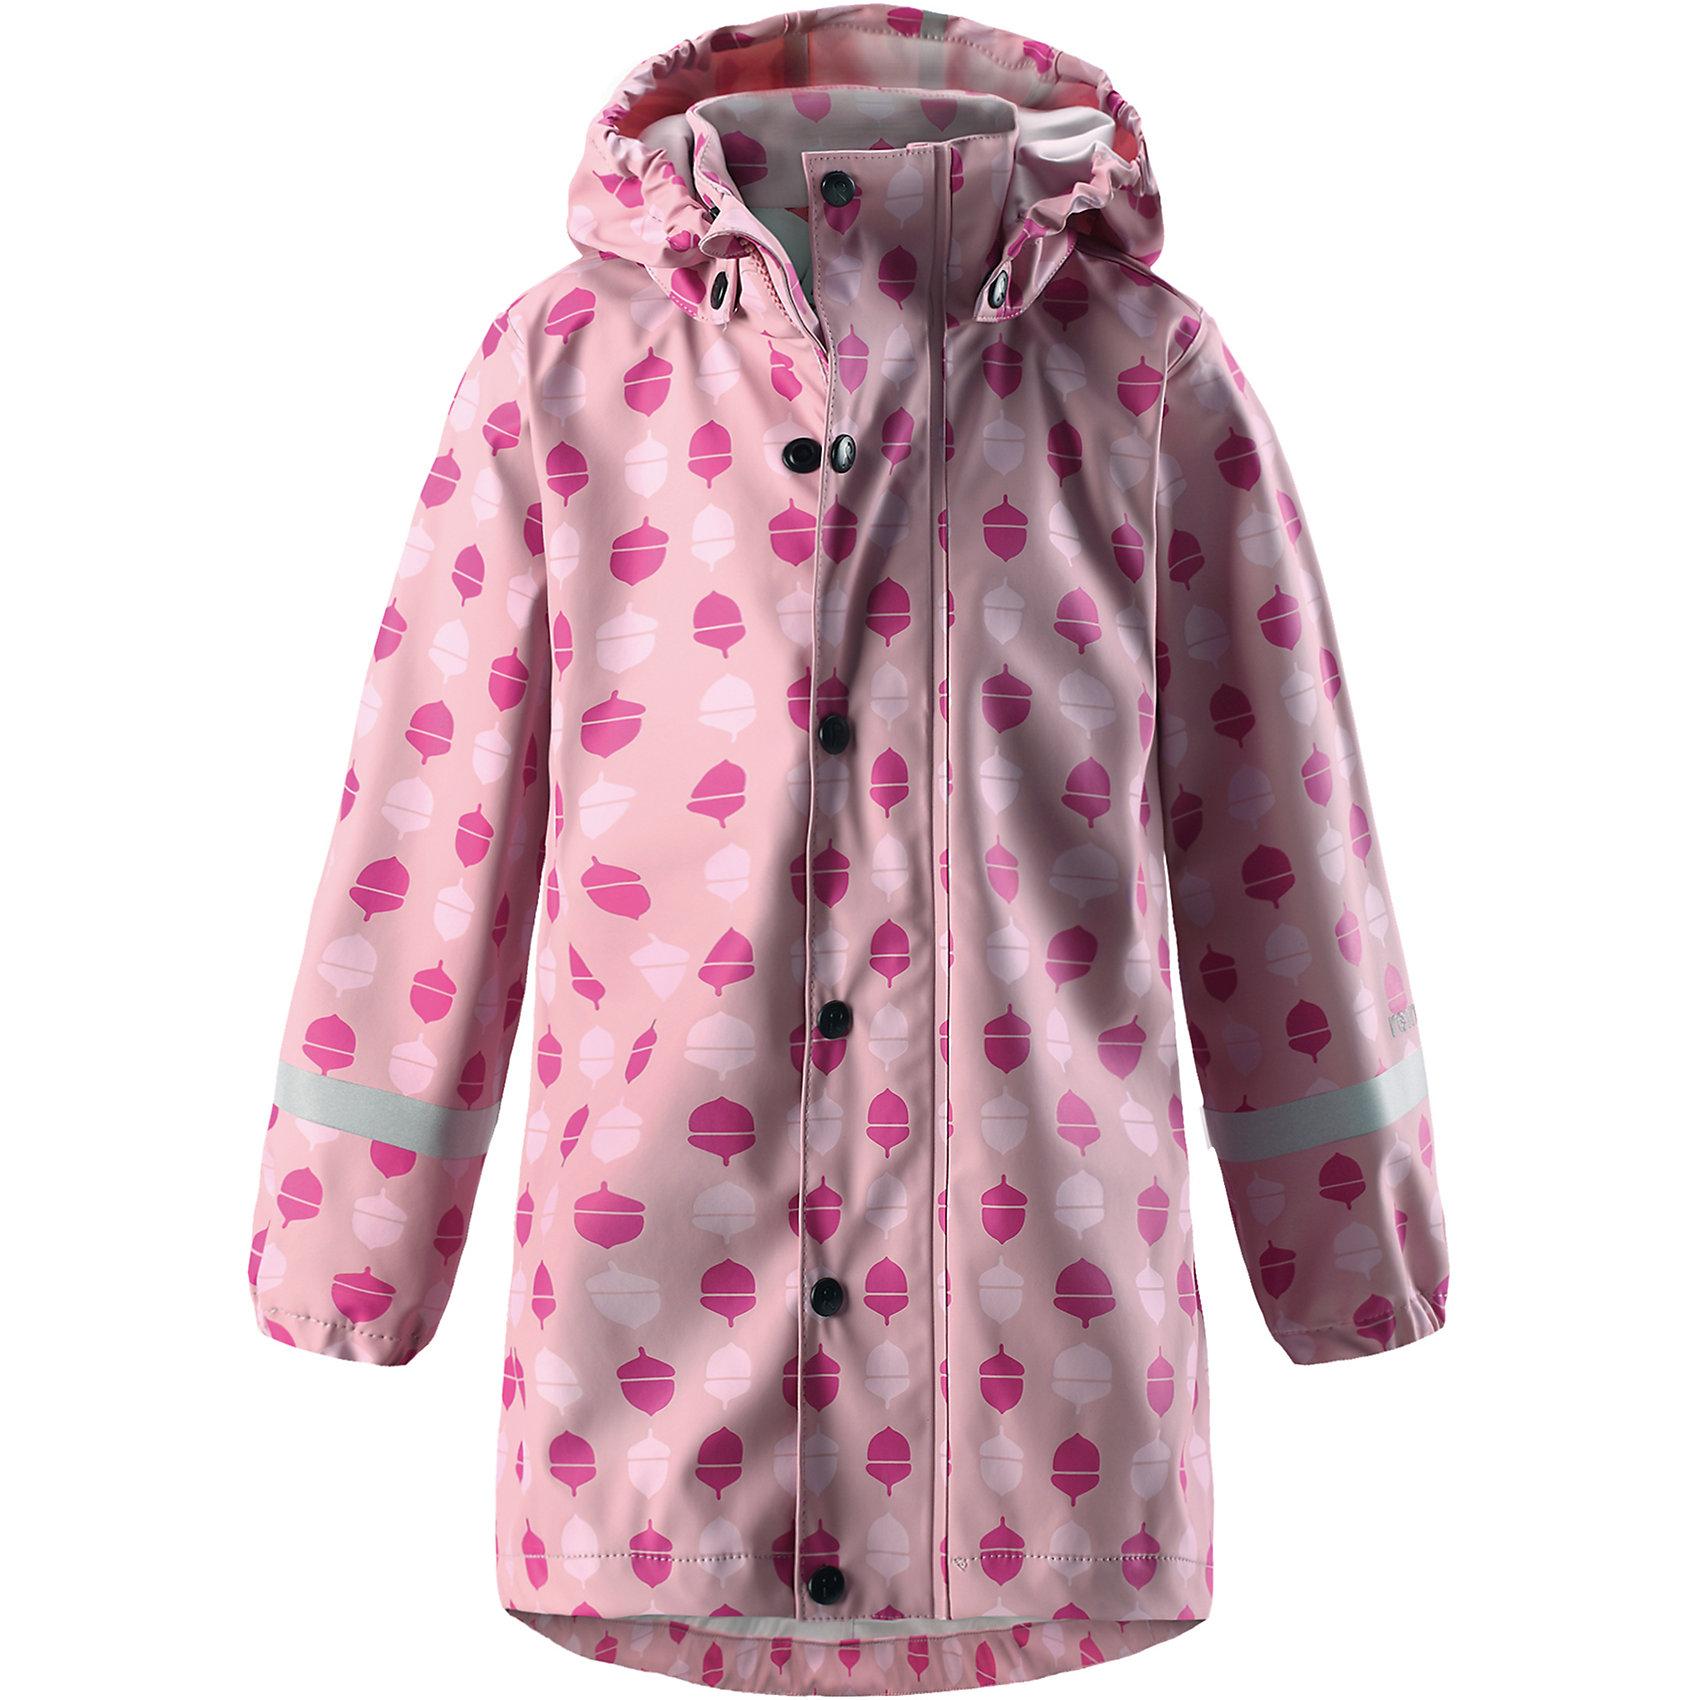 Плащ-дождевик Reima Vatten для девочкиОдежда<br>Характеристики товара:<br><br>• цвет: светло-розовый;<br>• состав: 100% полиэстер;<br>• подкладка: 100% полиэстер;<br>• утеплитель: 160 г/м2<br>• температурный режим: от +15 до -15С;<br>• сезон: демисезон; <br>• запаянные швы, не пропускающие влагу;<br>• эластичный материал;<br>• без ПВХ;<br>• гладкая подкладка из полиэстера;<br>• эластичные манжеты;<br>• застежка: молния с дополнительной планкой на кнопках;<br>• безопасный съемный капюшон;<br>• трапециевидная форма с удлиненным сзади подолом;<br>• светоотражающие детали;<br>• страна бренда: Финляндия;<br>• страна изготовитель: Китай.<br><br>Куртка-дождевик изготовлена из удобного, эластичного материала, не содержащего ПВХ. Швы запаяны и абсолютно водонепроницаемы. Новый трапециевидный силуэт с удлиненной спинкой обеспечивает эффективную защиту от дождя. <br>Куртка-дождевик не деревенеет на морозе, поэтому ее можно носить круглый год – просто добавьте в холодную погоду теплый промежуточный слой. Съемный капюшон защитит даже от ливня, при этом он безопасен во время прогулок в дождливый день. Молния спереди во всю длину и множество светоотражающих деталей.<br><br><br>Плащ-дождевик Vatten для девочки Reima от финского бренда Reima (Рейма) можно купить в нашем интернет-магазине.<br><br>Ширина мм: 356<br>Глубина мм: 10<br>Высота мм: 245<br>Вес г: 519<br>Цвет: розовый<br>Возраст от месяцев: 108<br>Возраст до месяцев: 120<br>Пол: Женский<br>Возраст: Детский<br>Размер: 140,104,110,116,122,128,134<br>SKU: 6907712